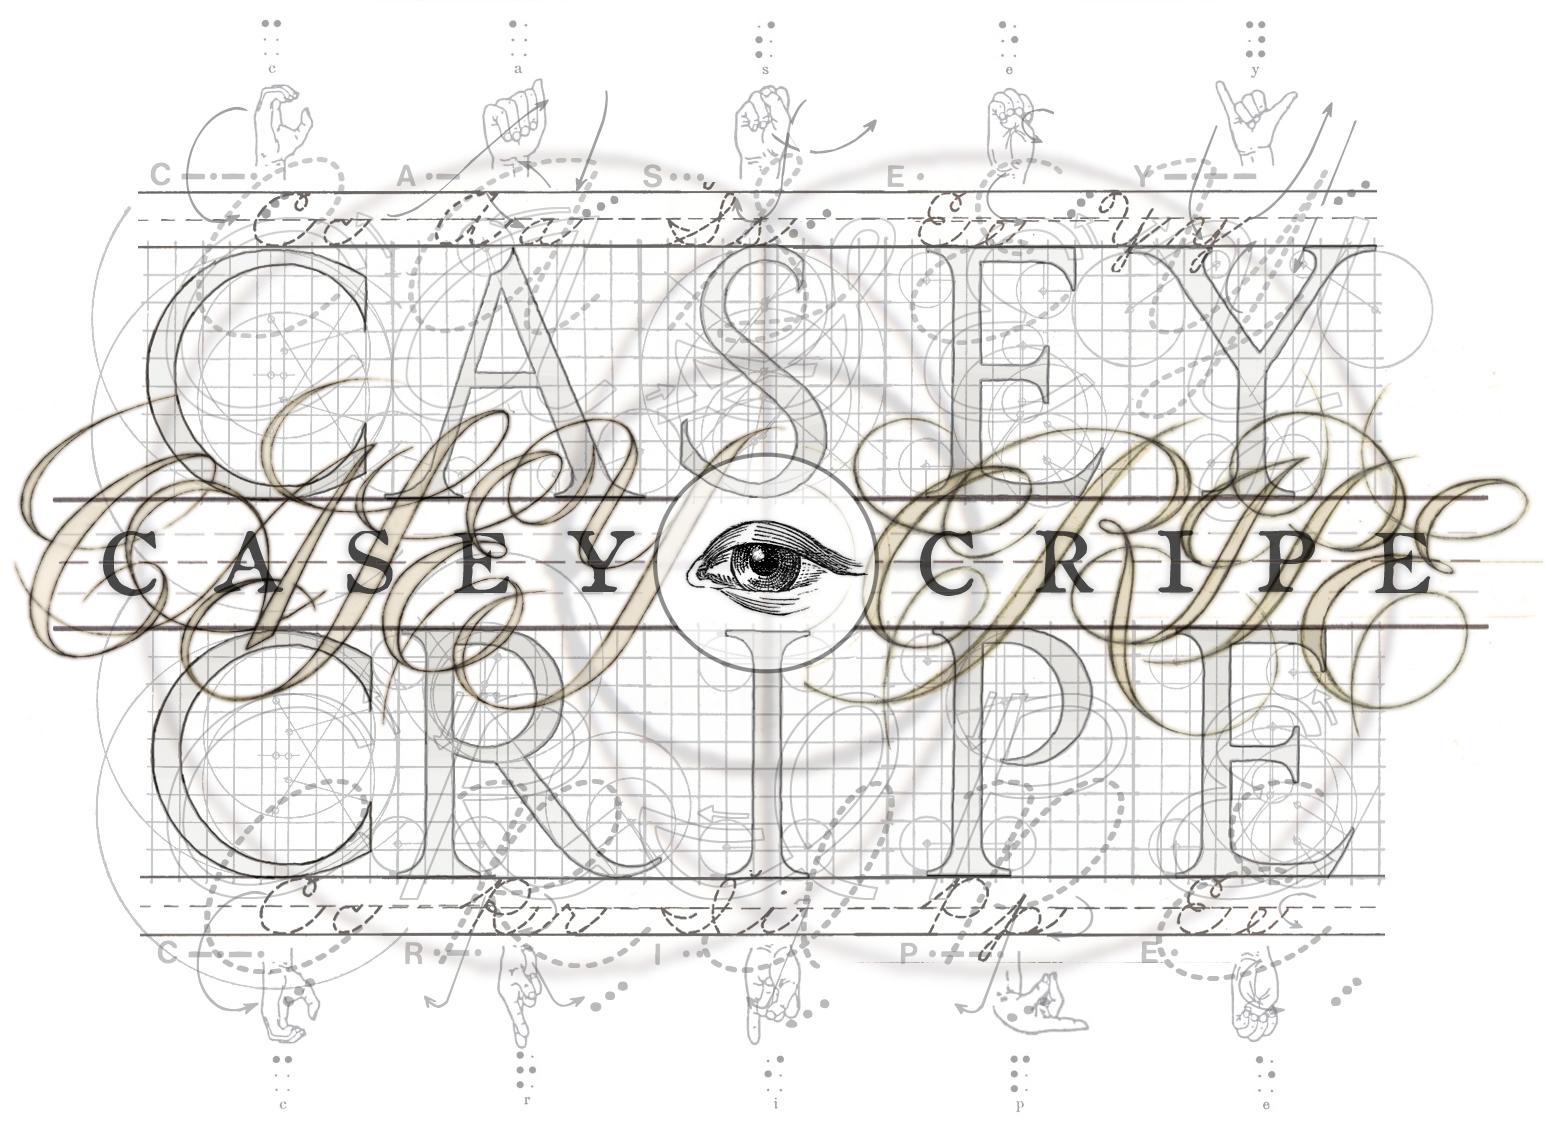 Casey-Cripe-Nameplate.jpg